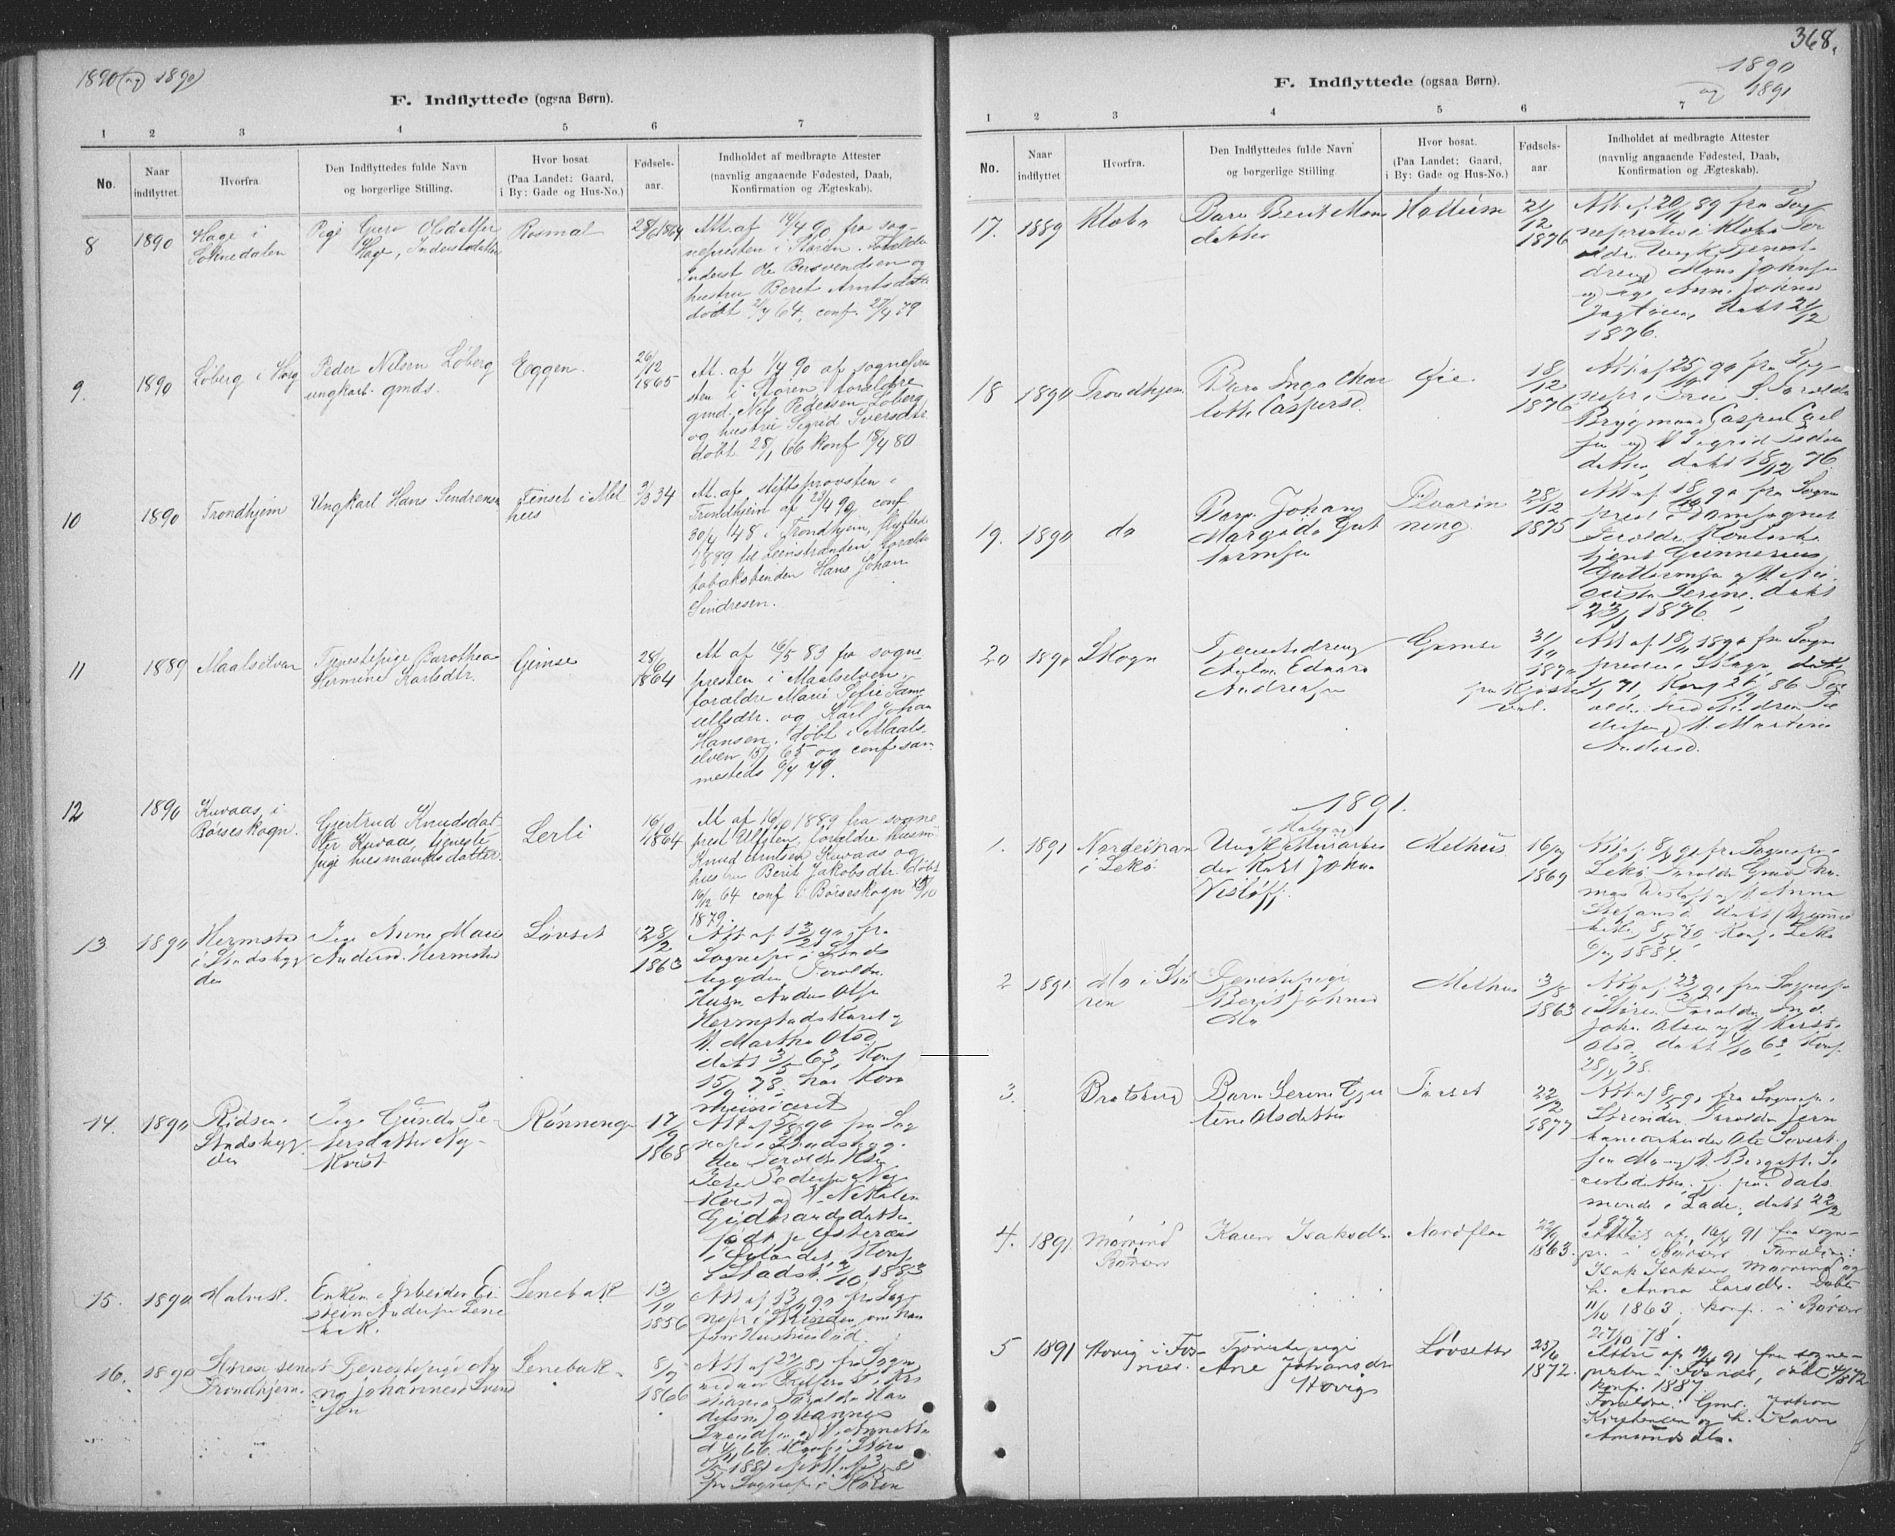 SAT, Ministerialprotokoller, klokkerbøker og fødselsregistre - Sør-Trøndelag, 691/L1085: Ministerialbok nr. 691A17, 1887-1908, s. 368